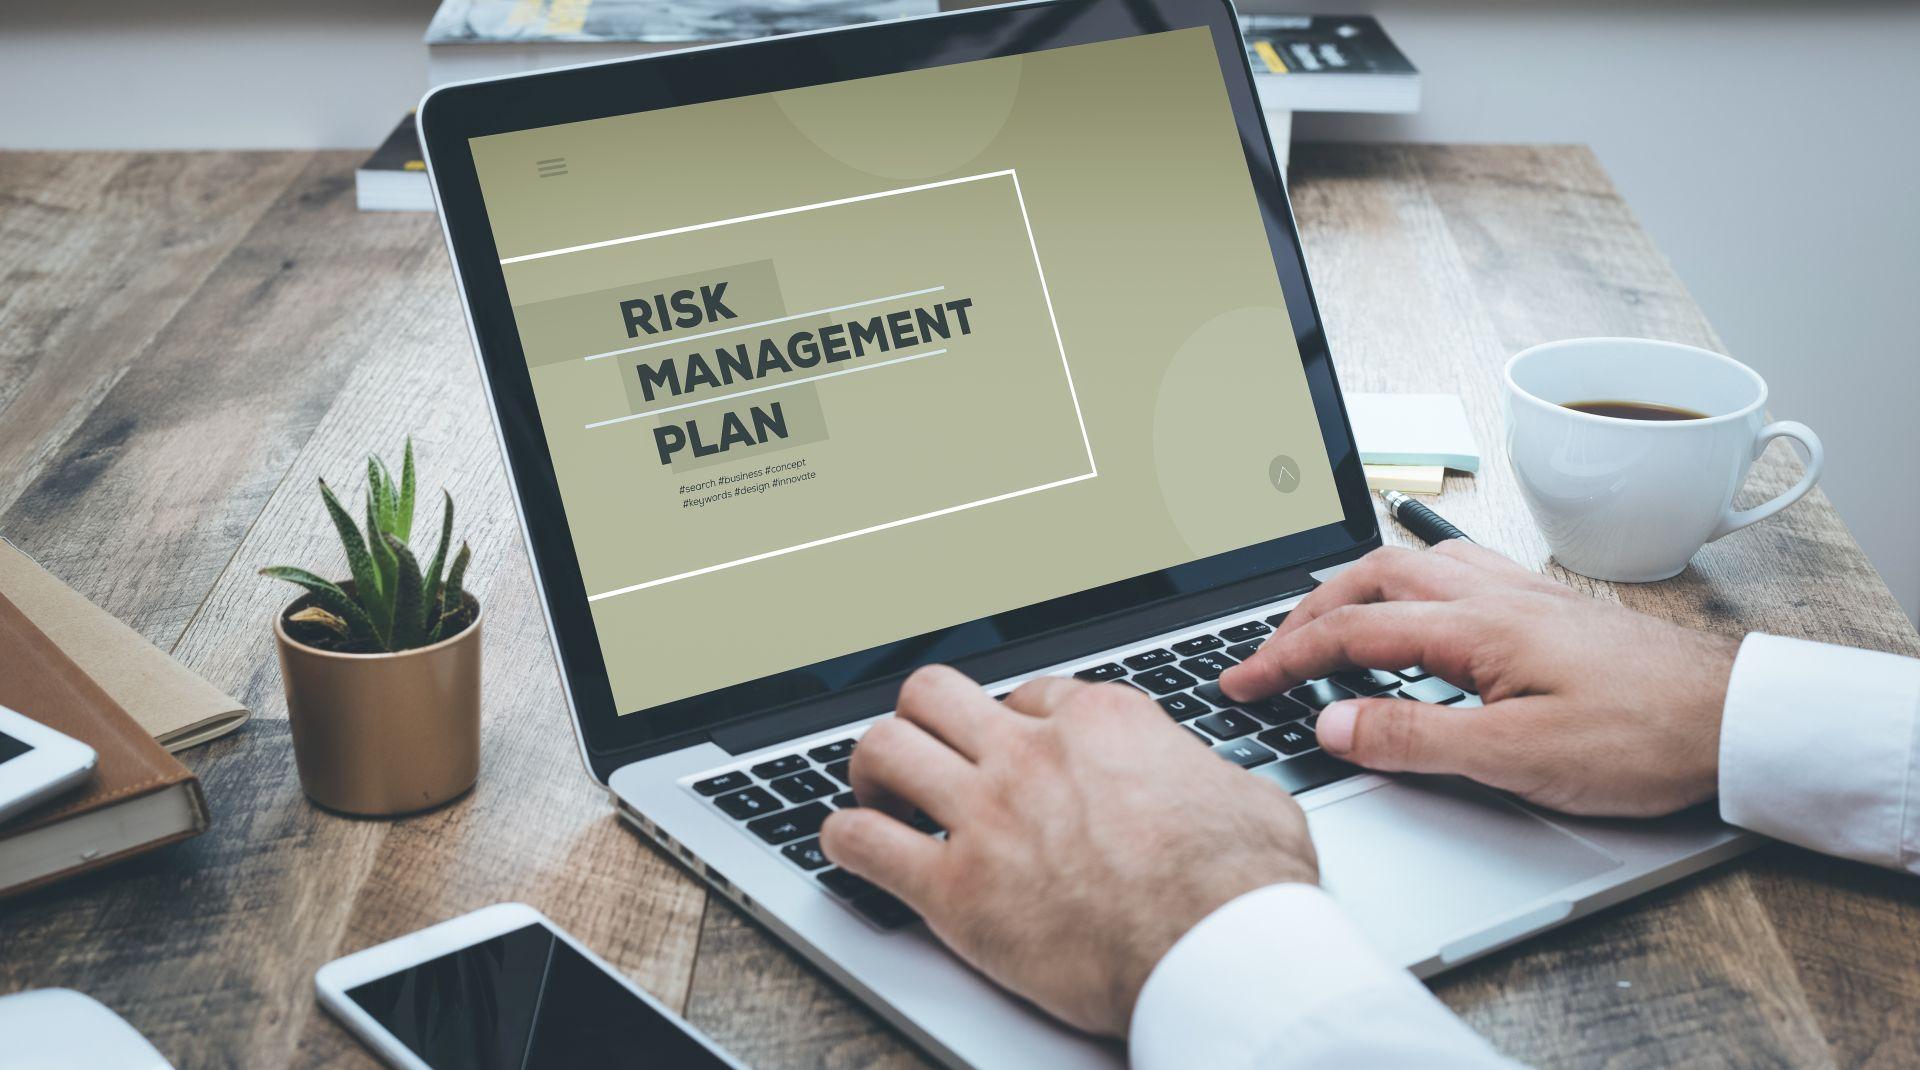 Fürsorge- und Krisenmanagement, Risk-Management